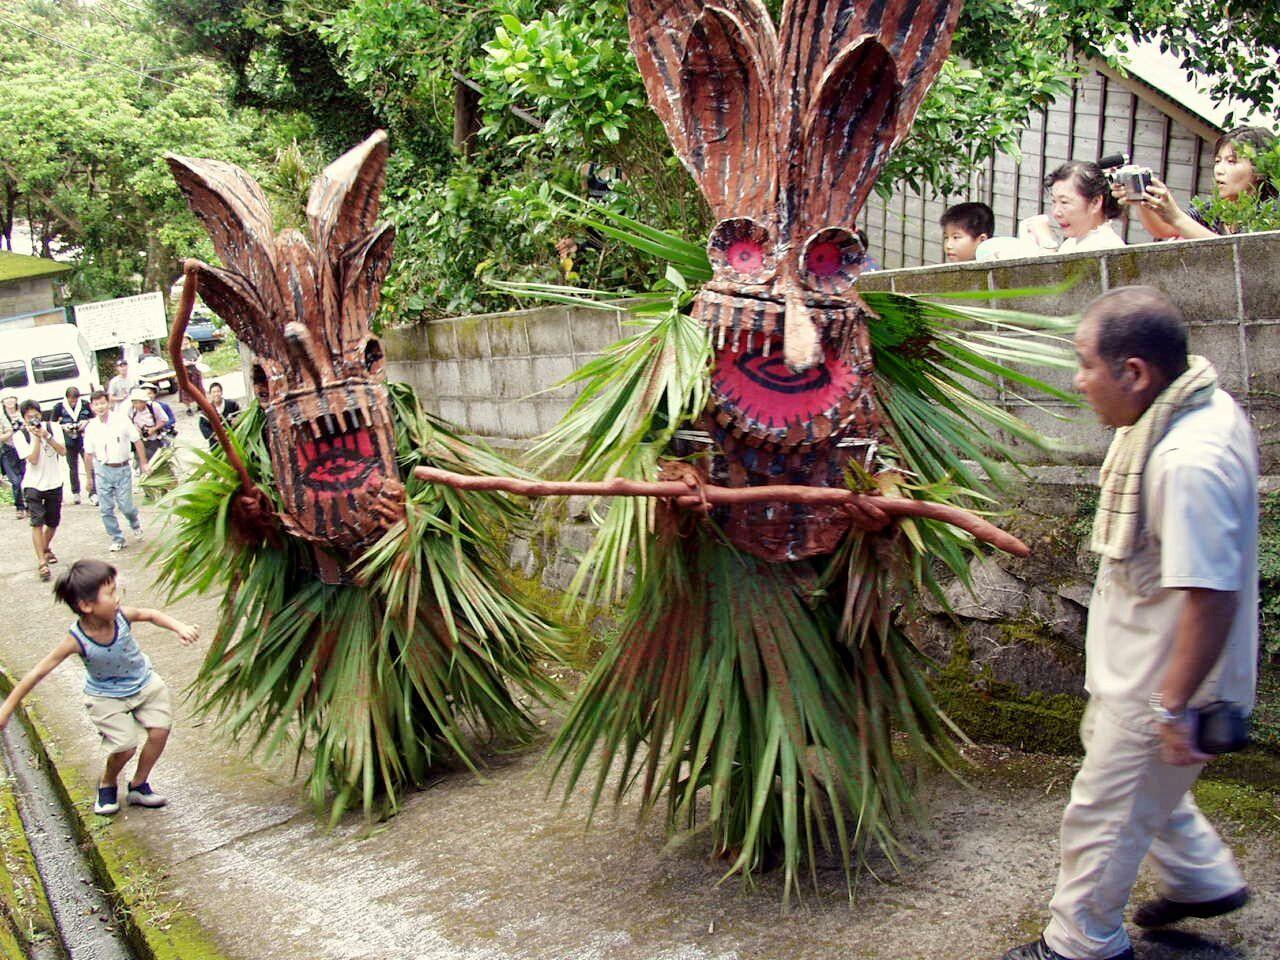 Ритуал явления божеств бодзэ в масках, внесенный в список Всемирного нематериального культурного наследия, можно увидеть только на Акусэкидзиме (Jiji Press)